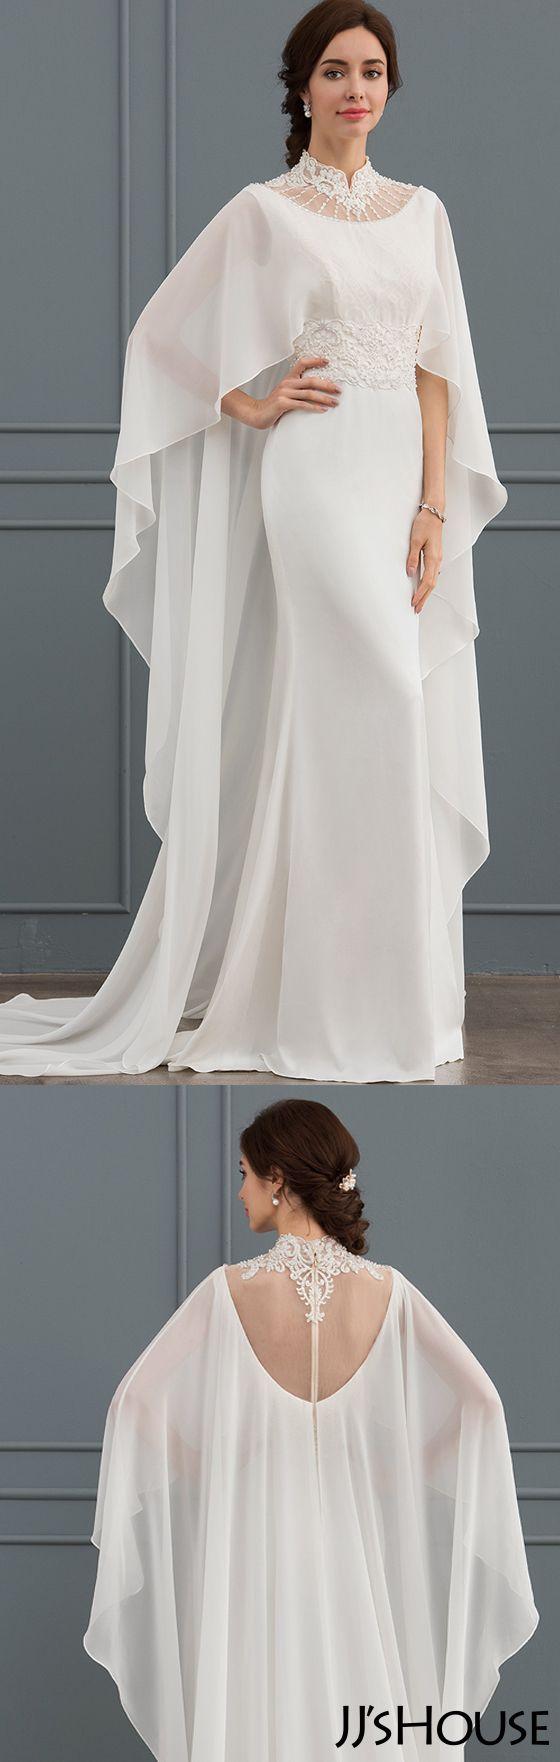 Amazing Wedding Dress With Beading Sequins #JJsHouse#Wedding